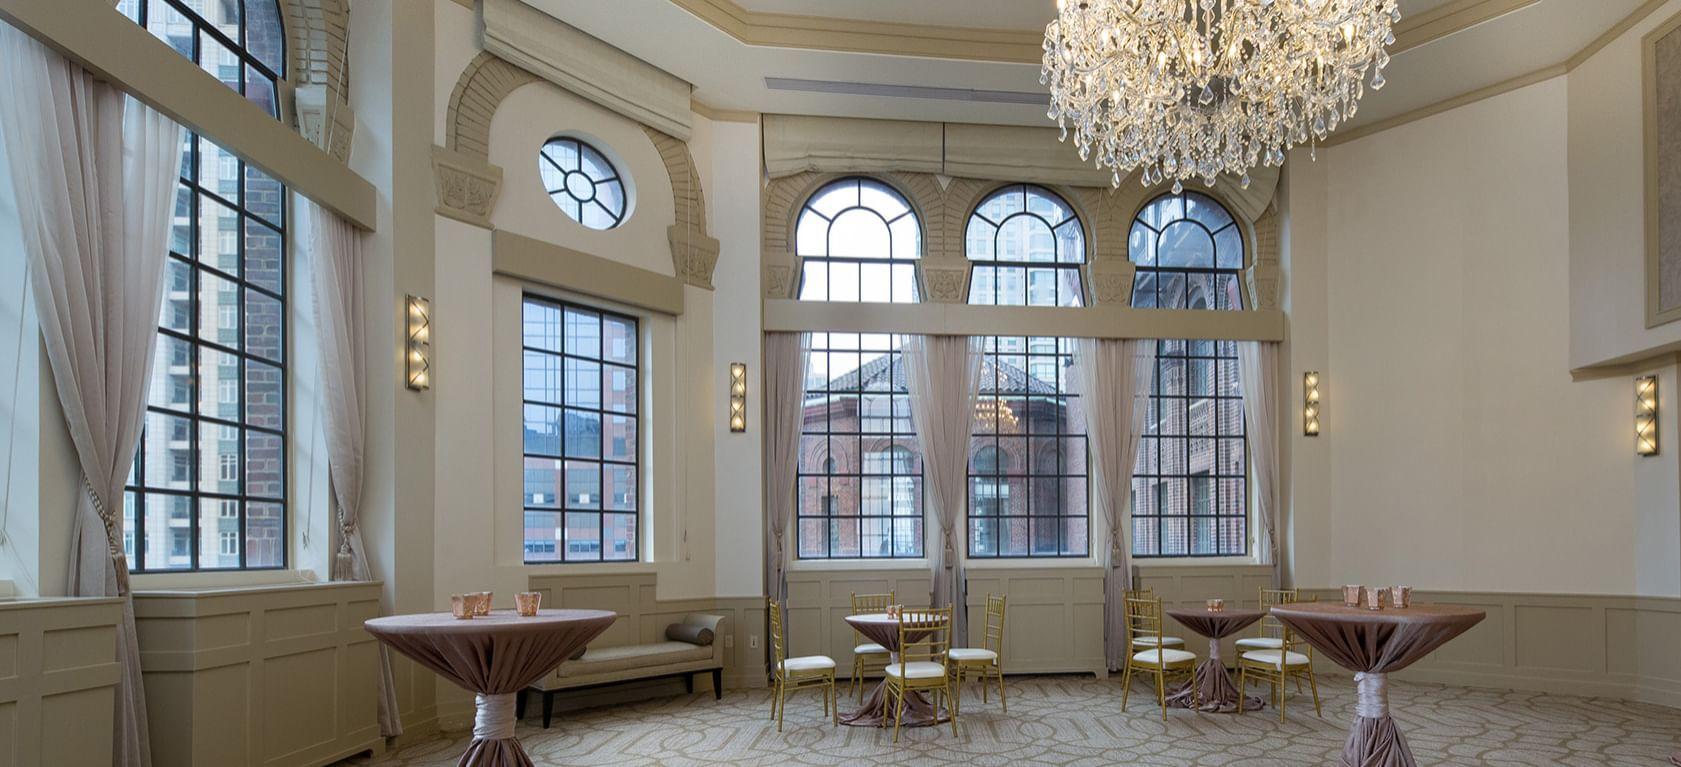 Ballroom at Warwick Hotels and Resorts